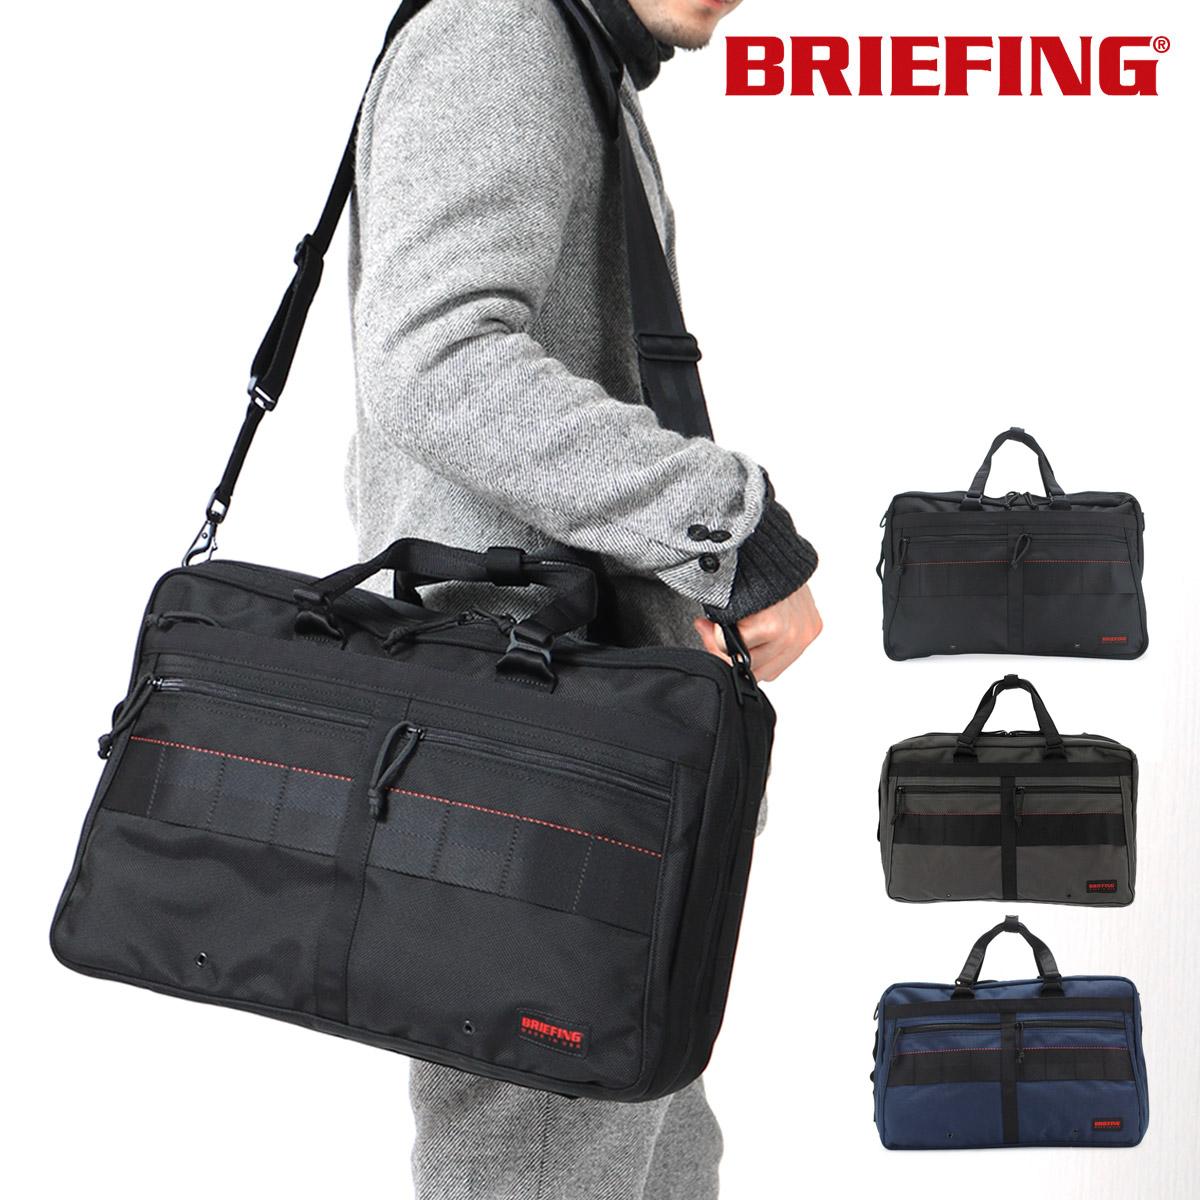 ブリーフィング ブリーフケース USA BRF115219 BRIEFING C-3 LINER 3WAY ショルダー リュック ビジネスバッグ バリスティックナイロン メンズ[PO10][bef][即日発送]